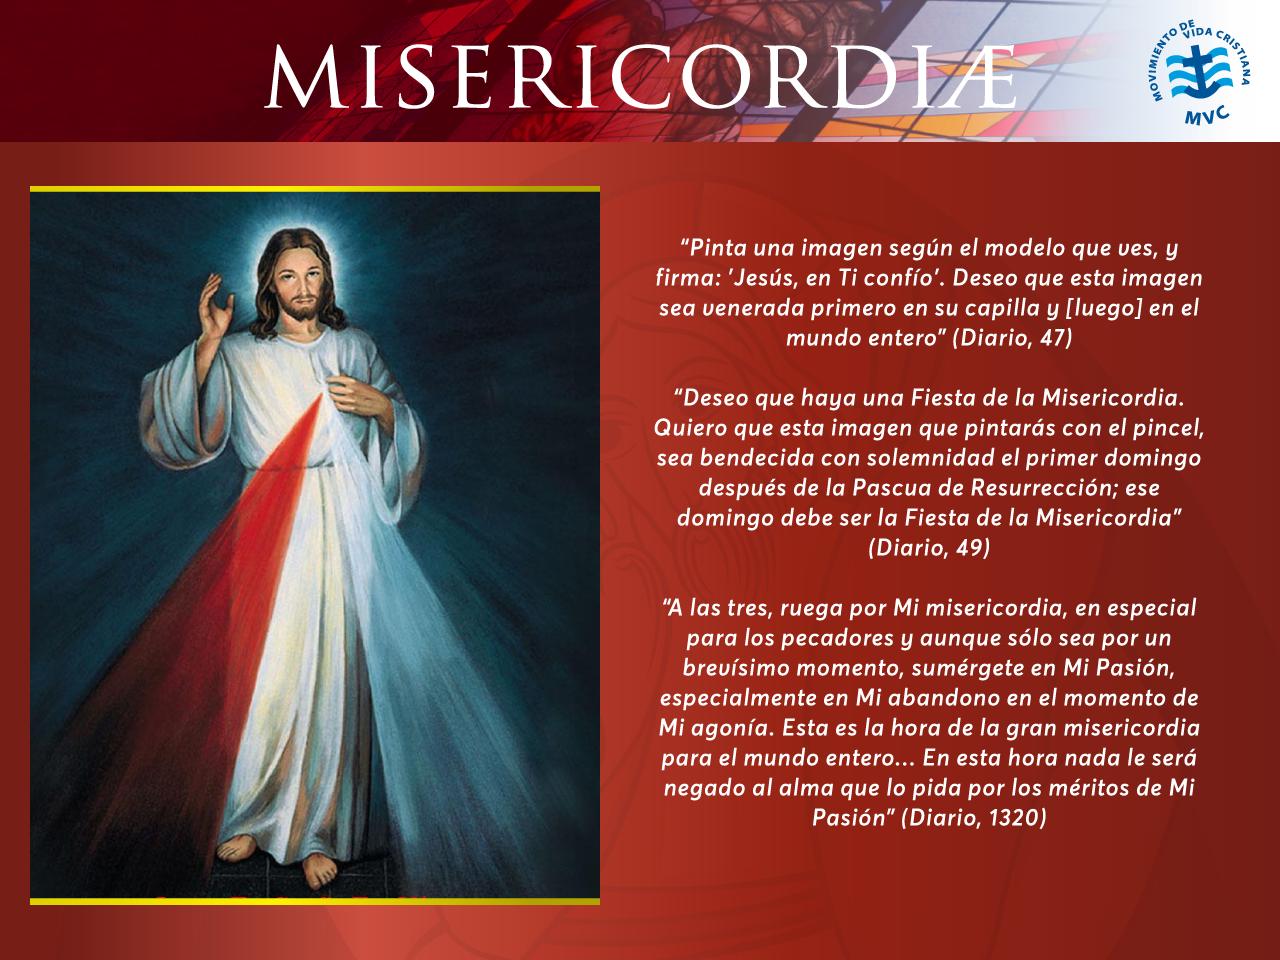 Misericordiae-6-06